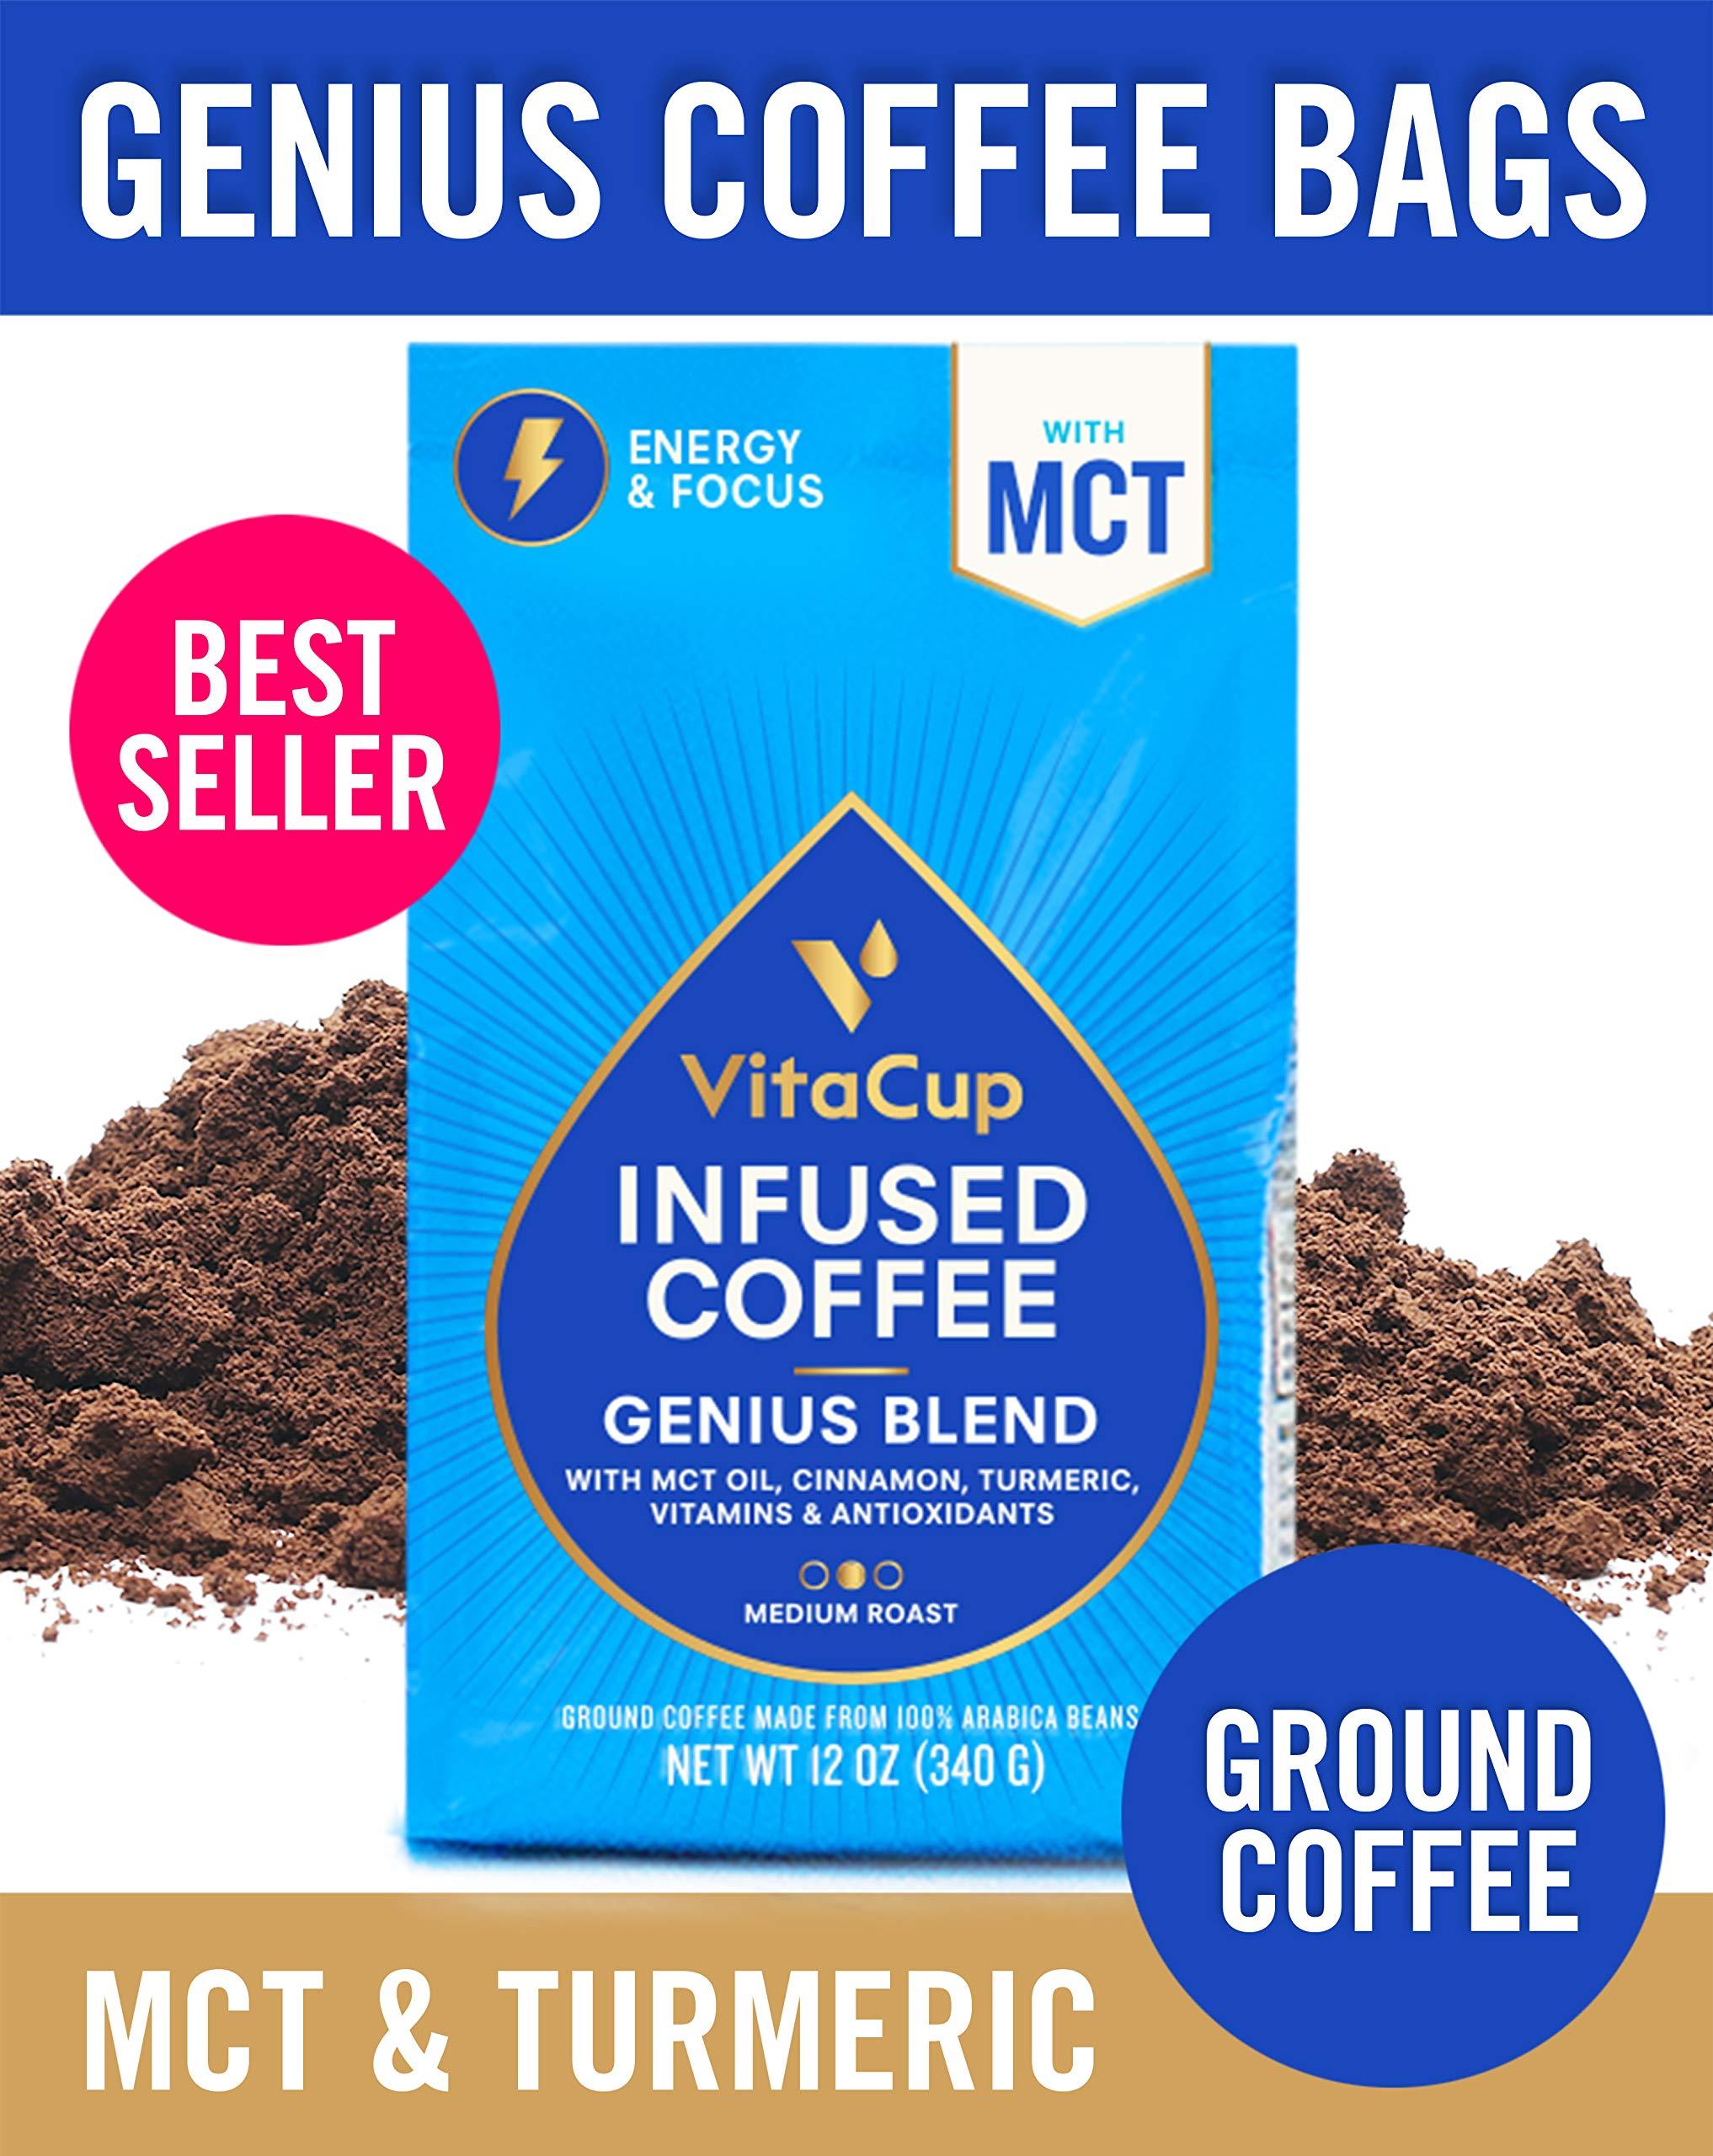 VitaCup Genius Blend Ground Coffee Bags 12oz Energy & Focus | MCT, Turmeric & Cinnamon | Keto | Paleo | Whole 30 | Vitamins B1, B5, B6, B9, B12, D3 | for Drip Coffee Brewers & French Press